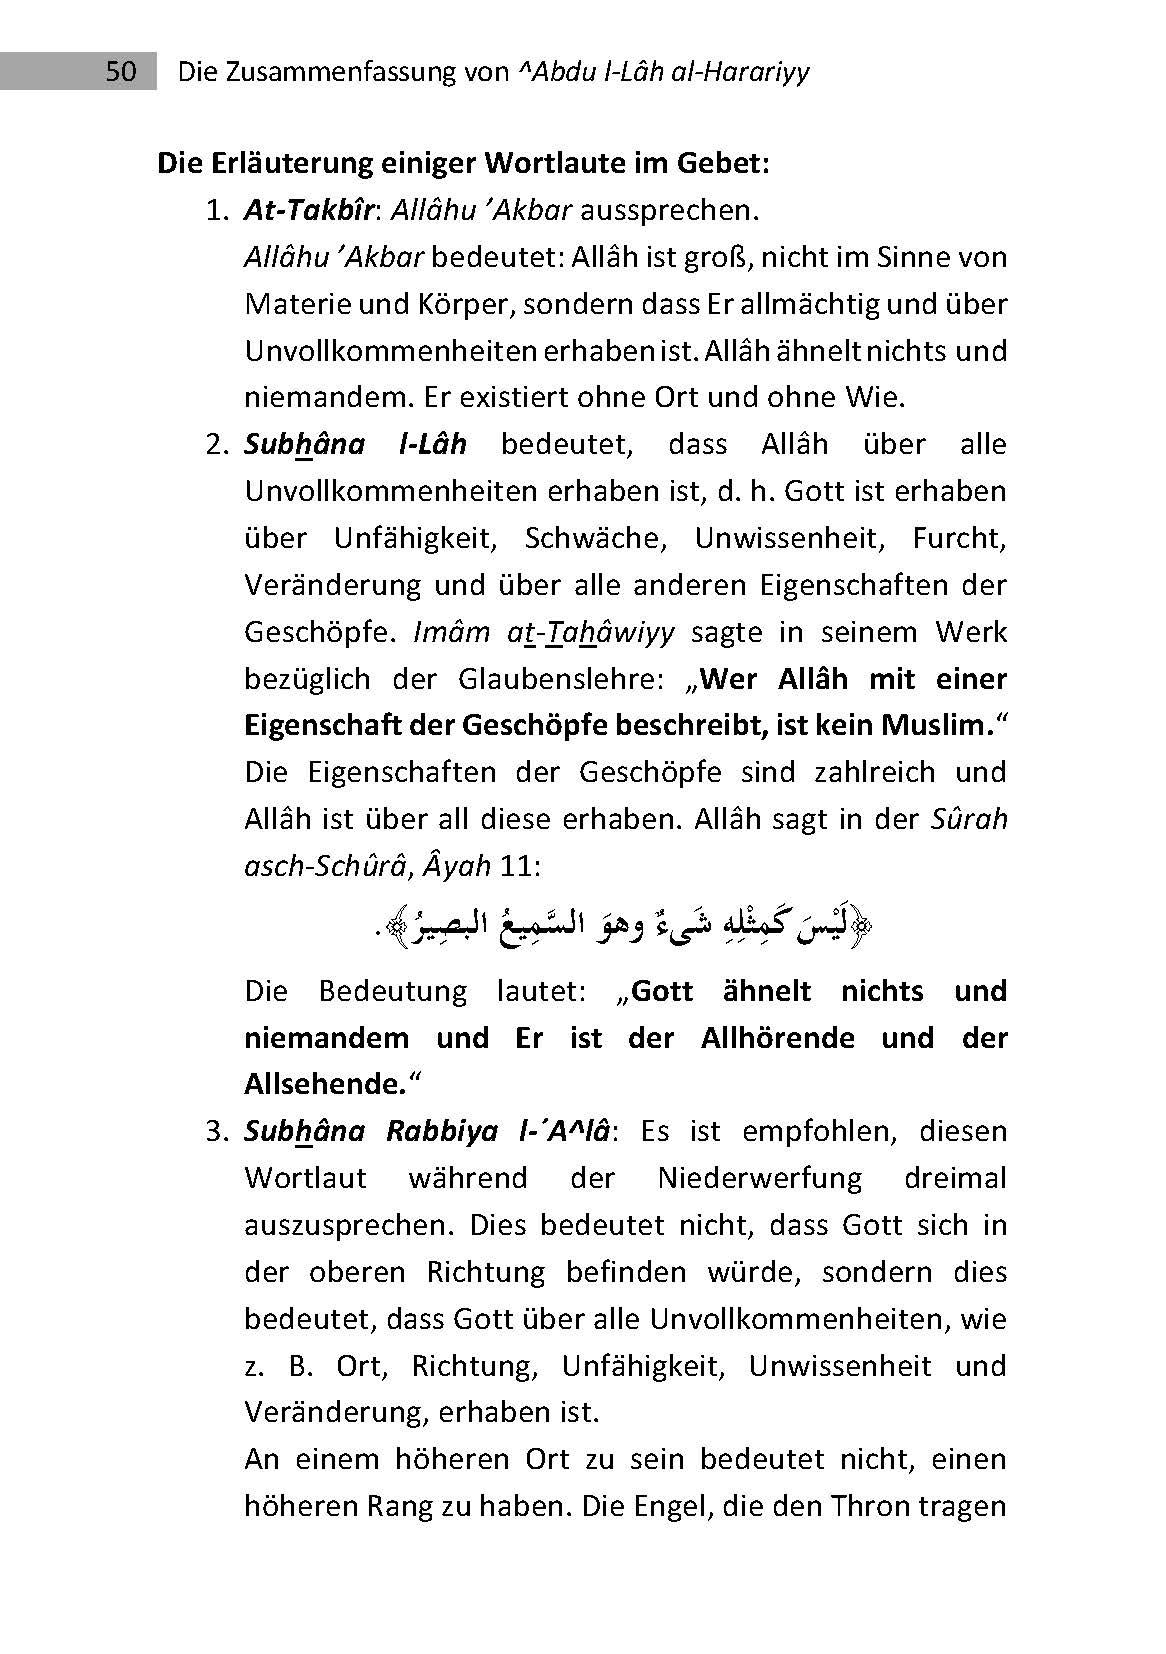 Die Zusammenfassung - 3. Auflage 2014_Seite_50